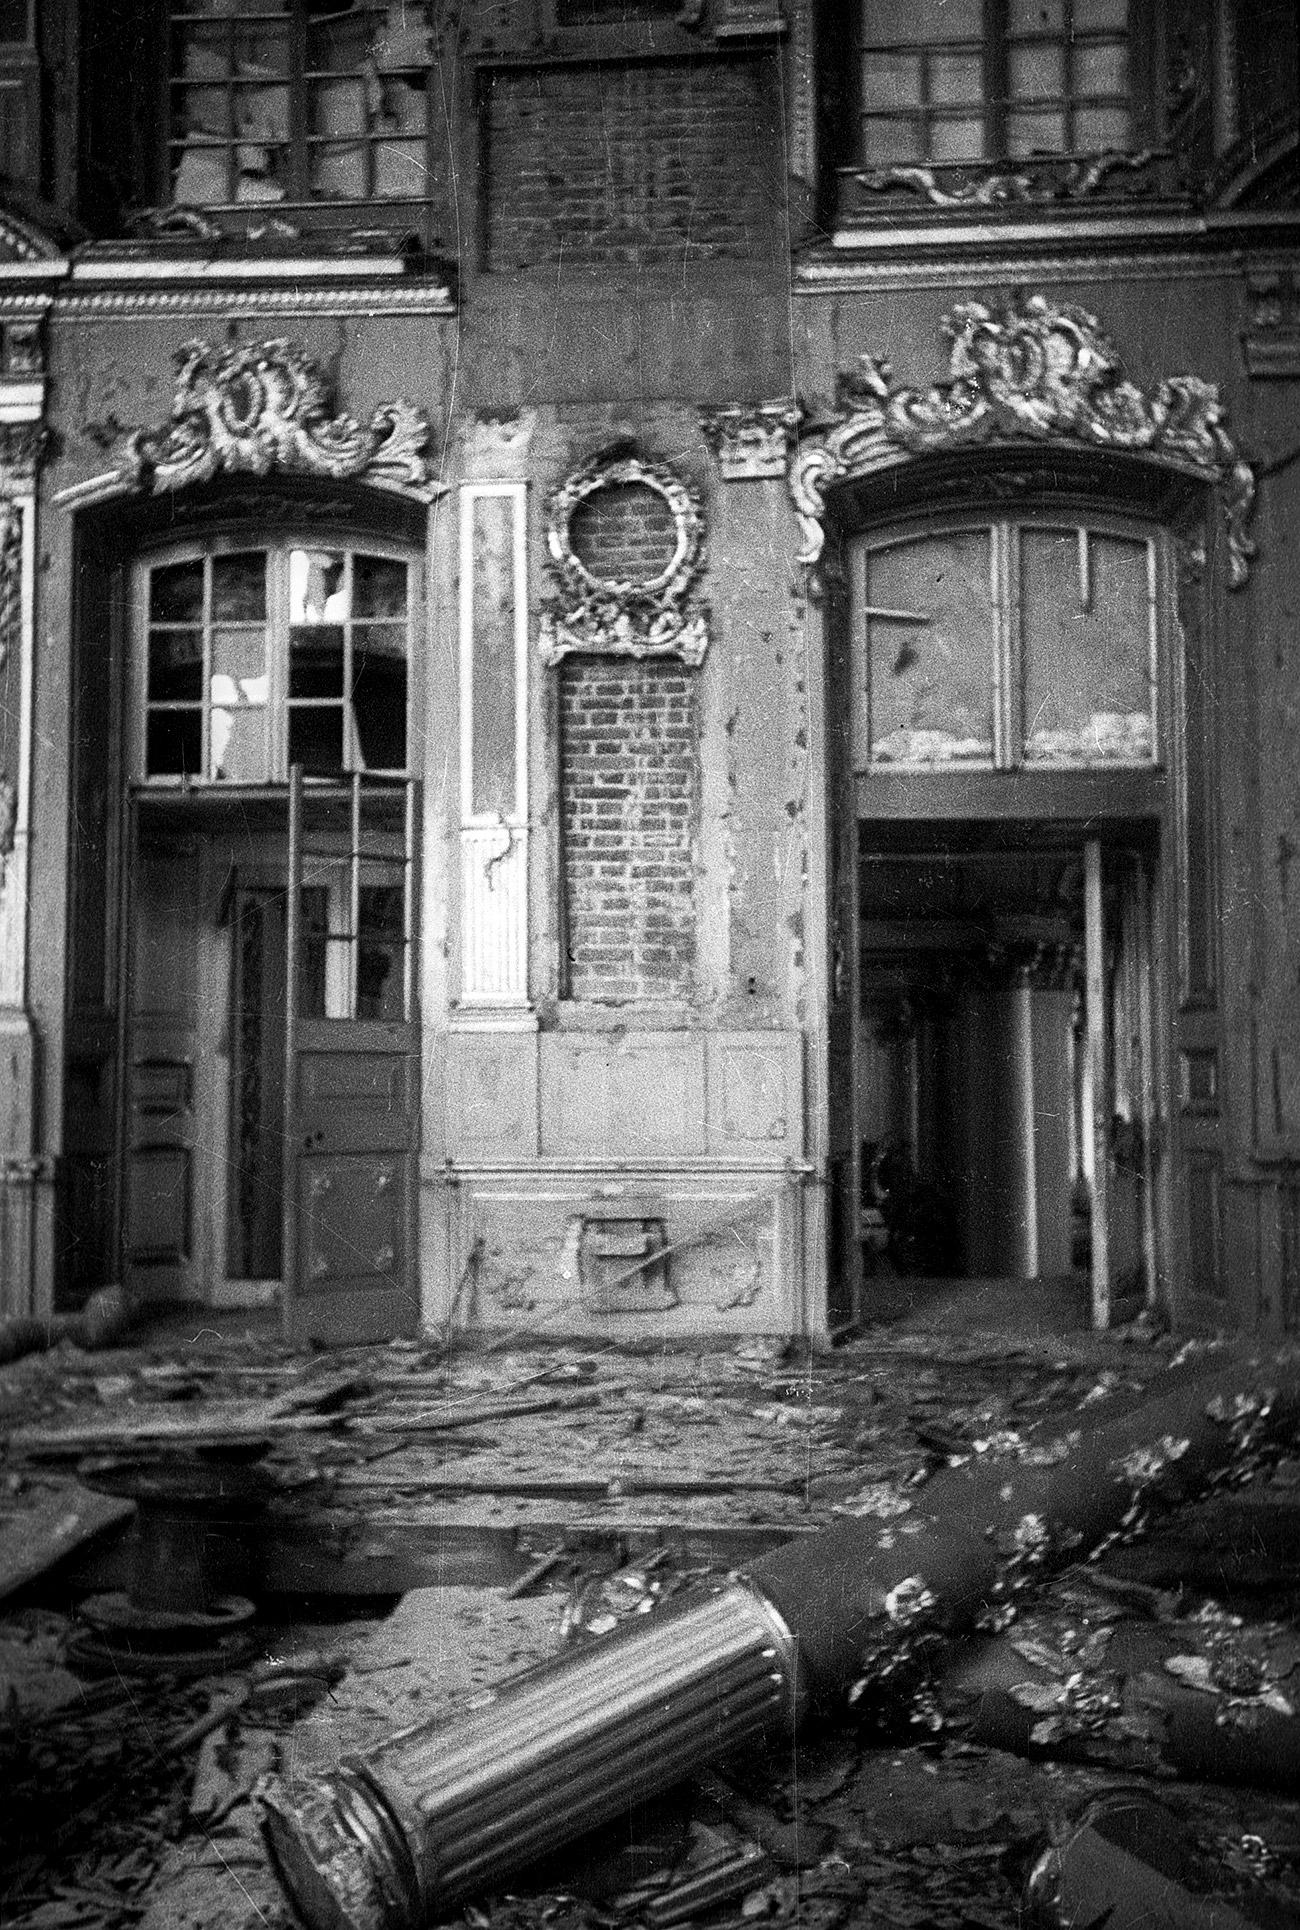 Katarinin dvorac u Puškinu oštetili su njemački osvajači, 1945. / Boris Kudojarov / RIA Novosti